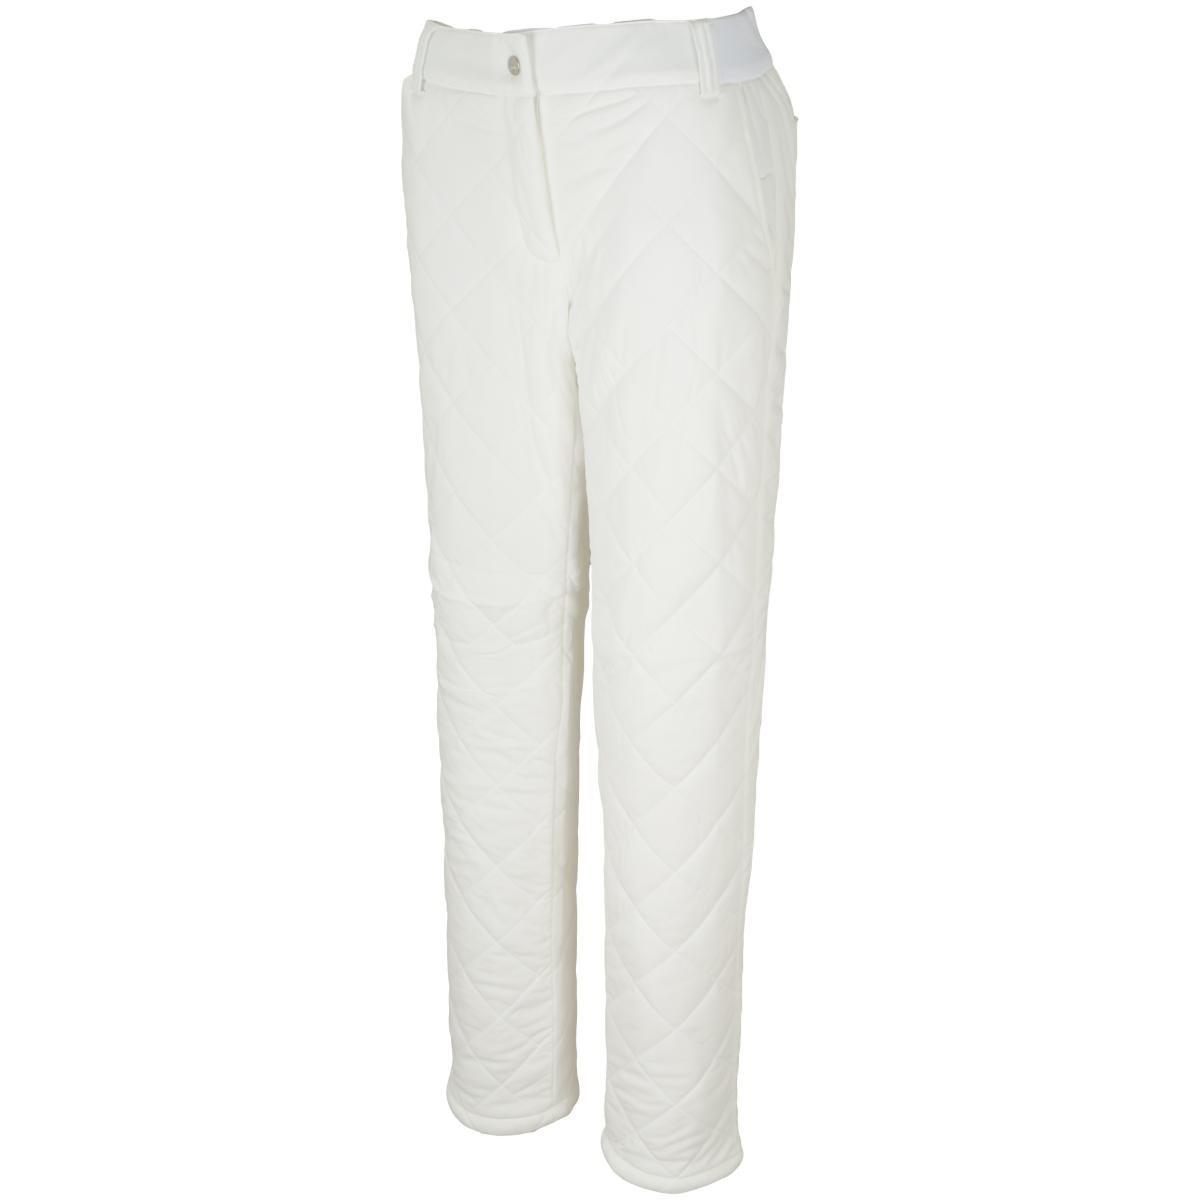 キャロウェイゴルフ Callaway Golf スターストレッチ 中綿パンツ S ホワイト 030 レディス